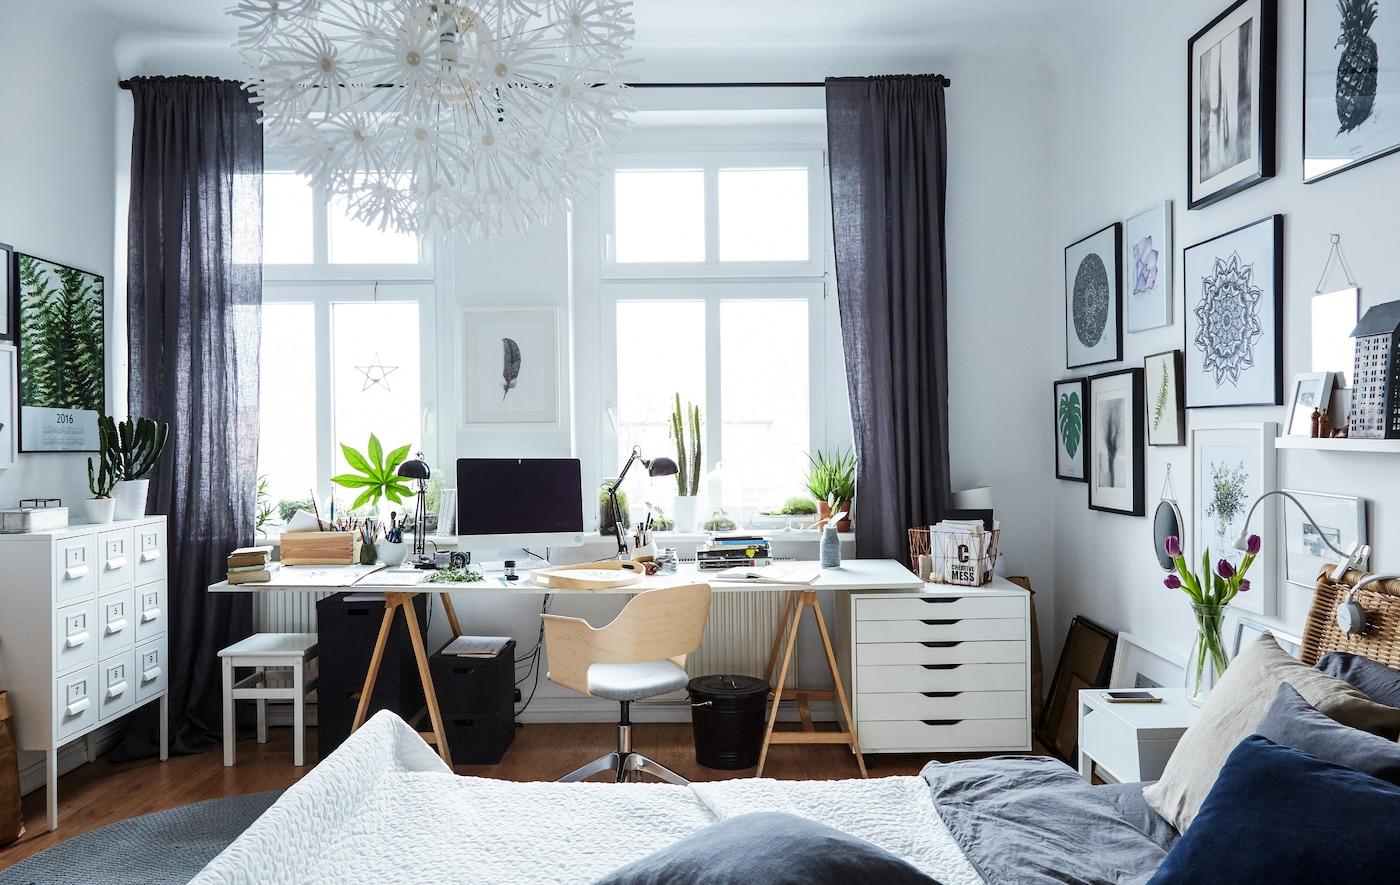 Artist Margo's home studio in her bedroom - IKEA